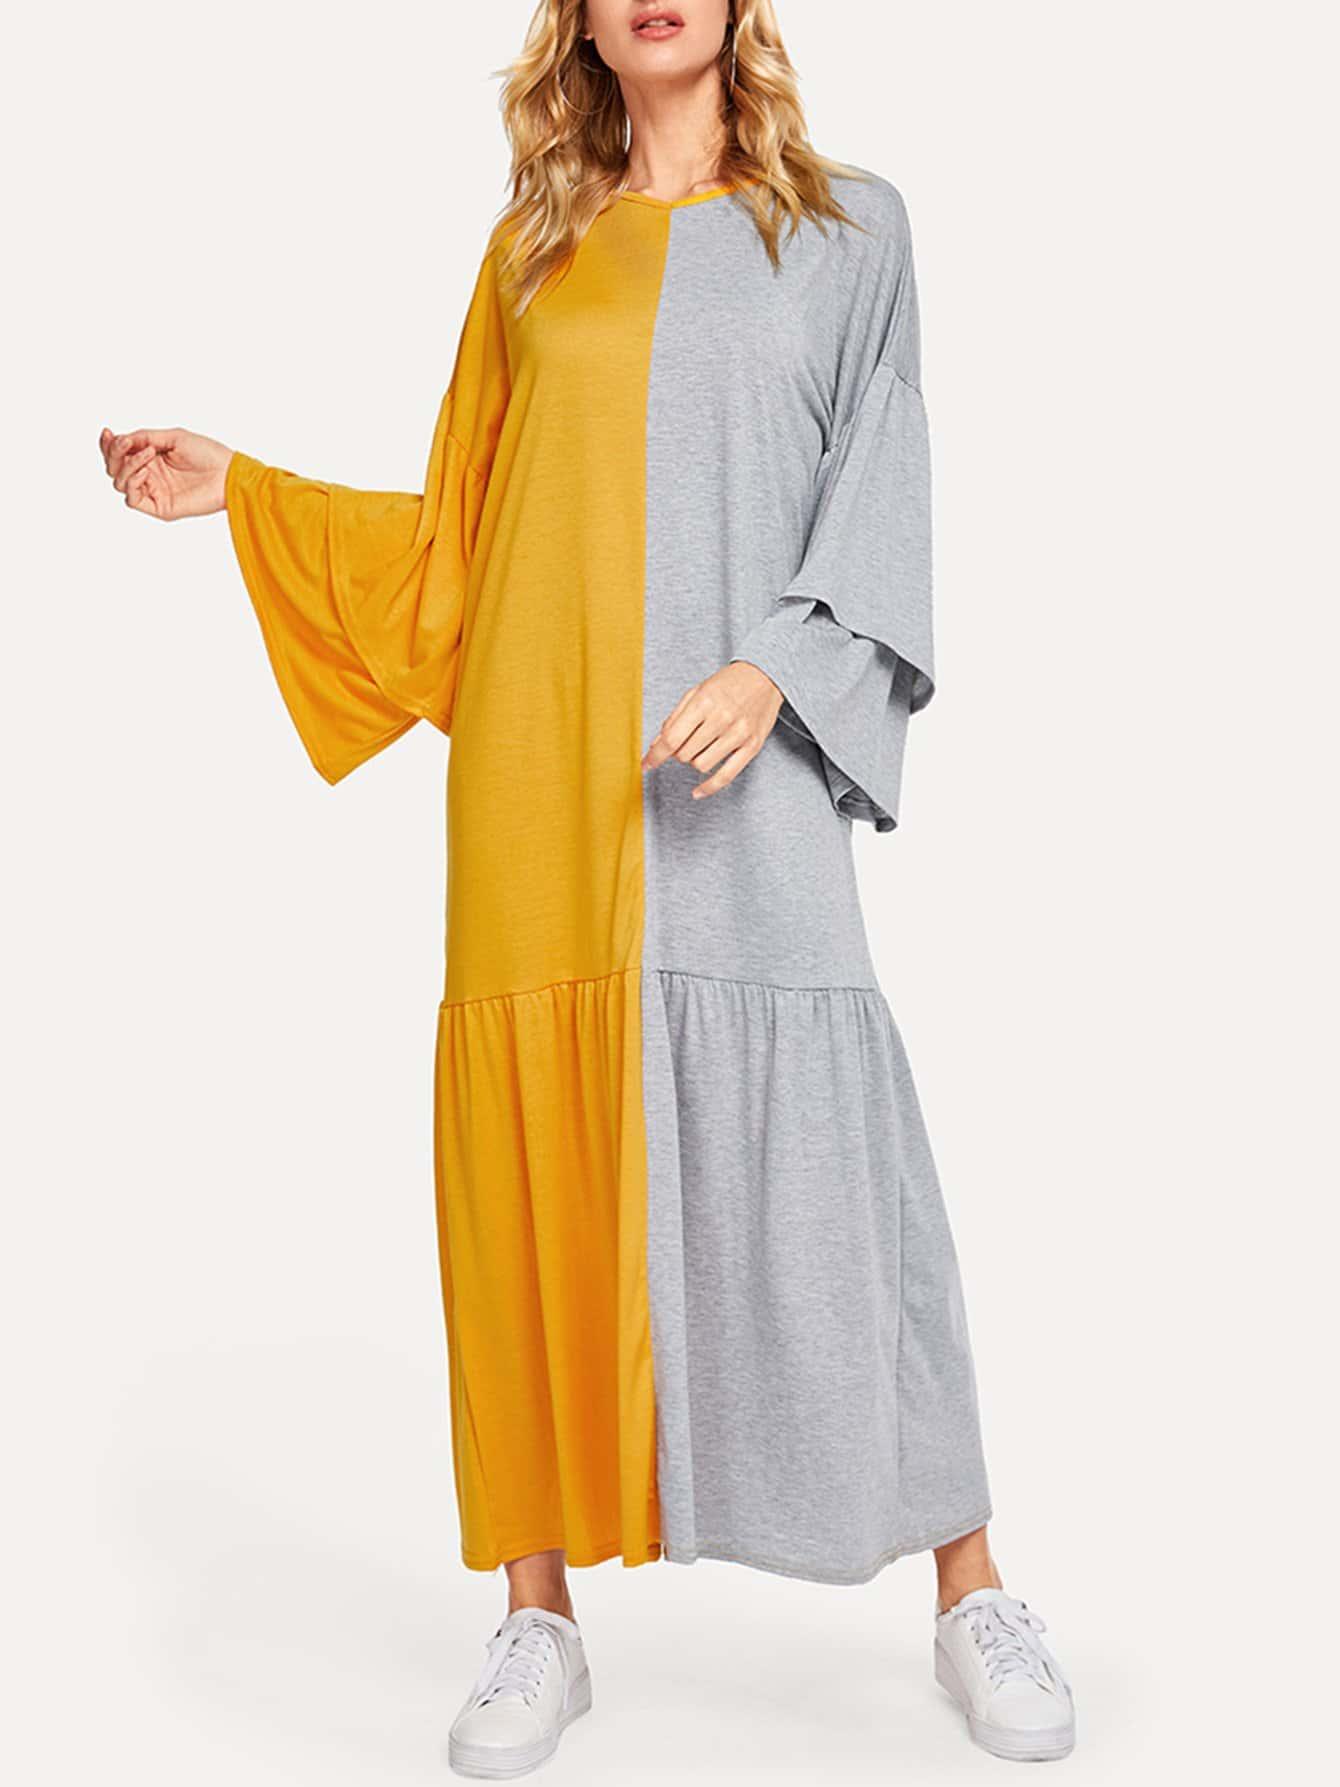 Купить Контрастное платье-рубашки, Masha, SheIn